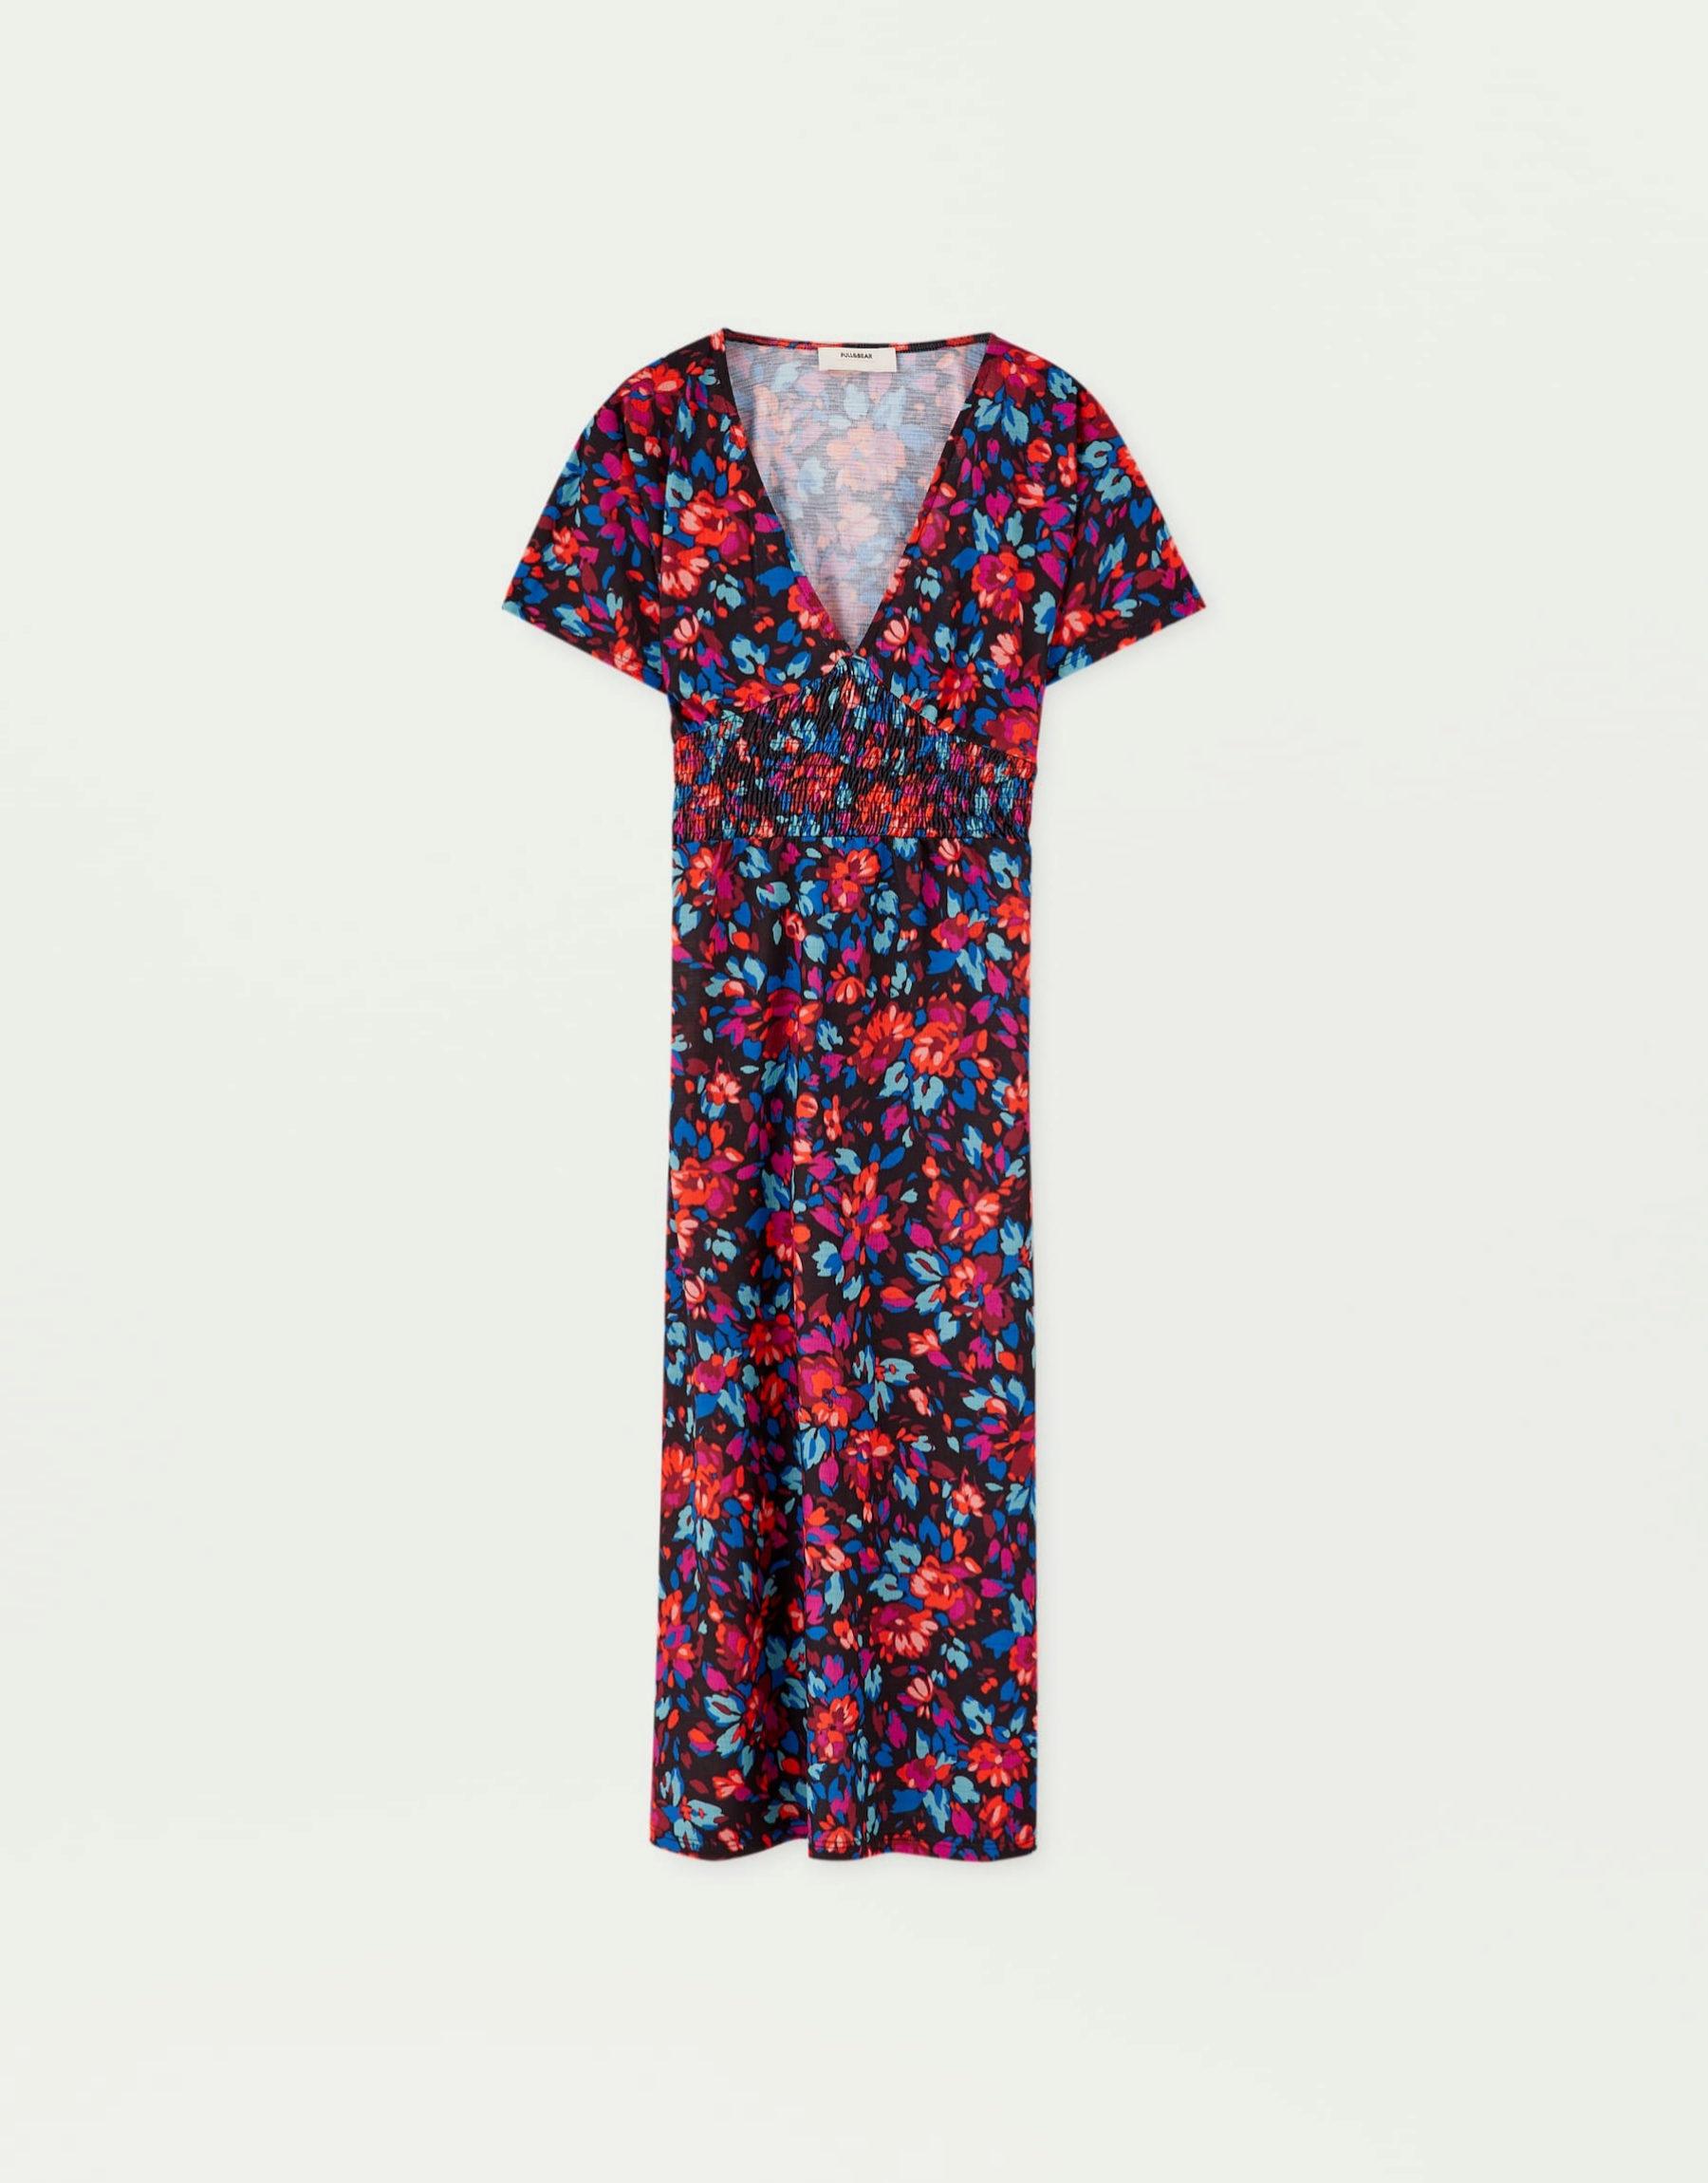 Vestido con estampado floral de Pull & Bear